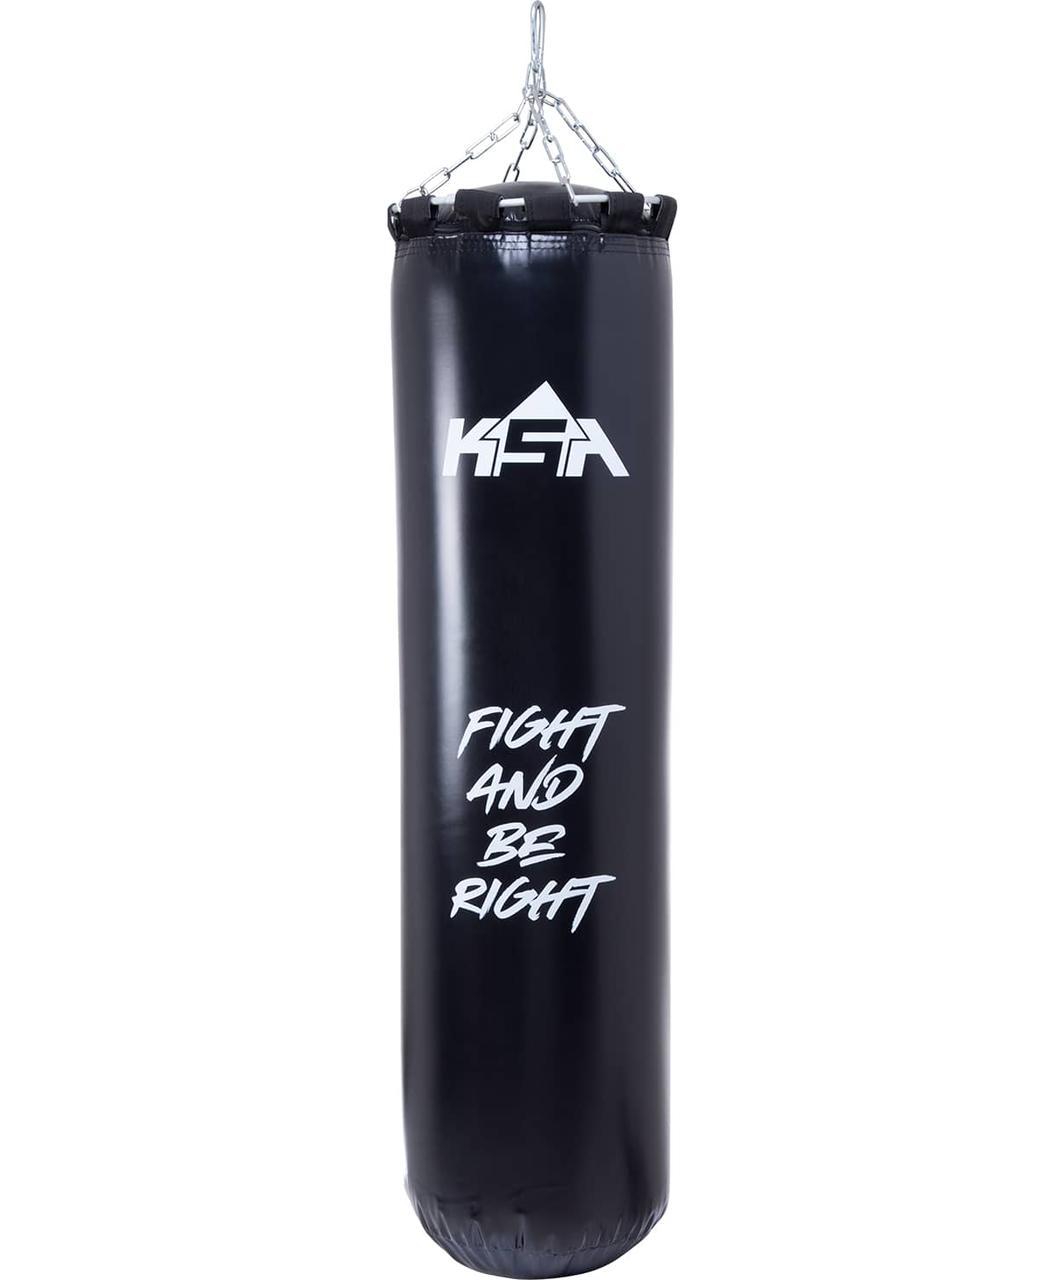 Мешок боксерский PB-02, 110 см, 35 кг, ПВХ, черный KSA